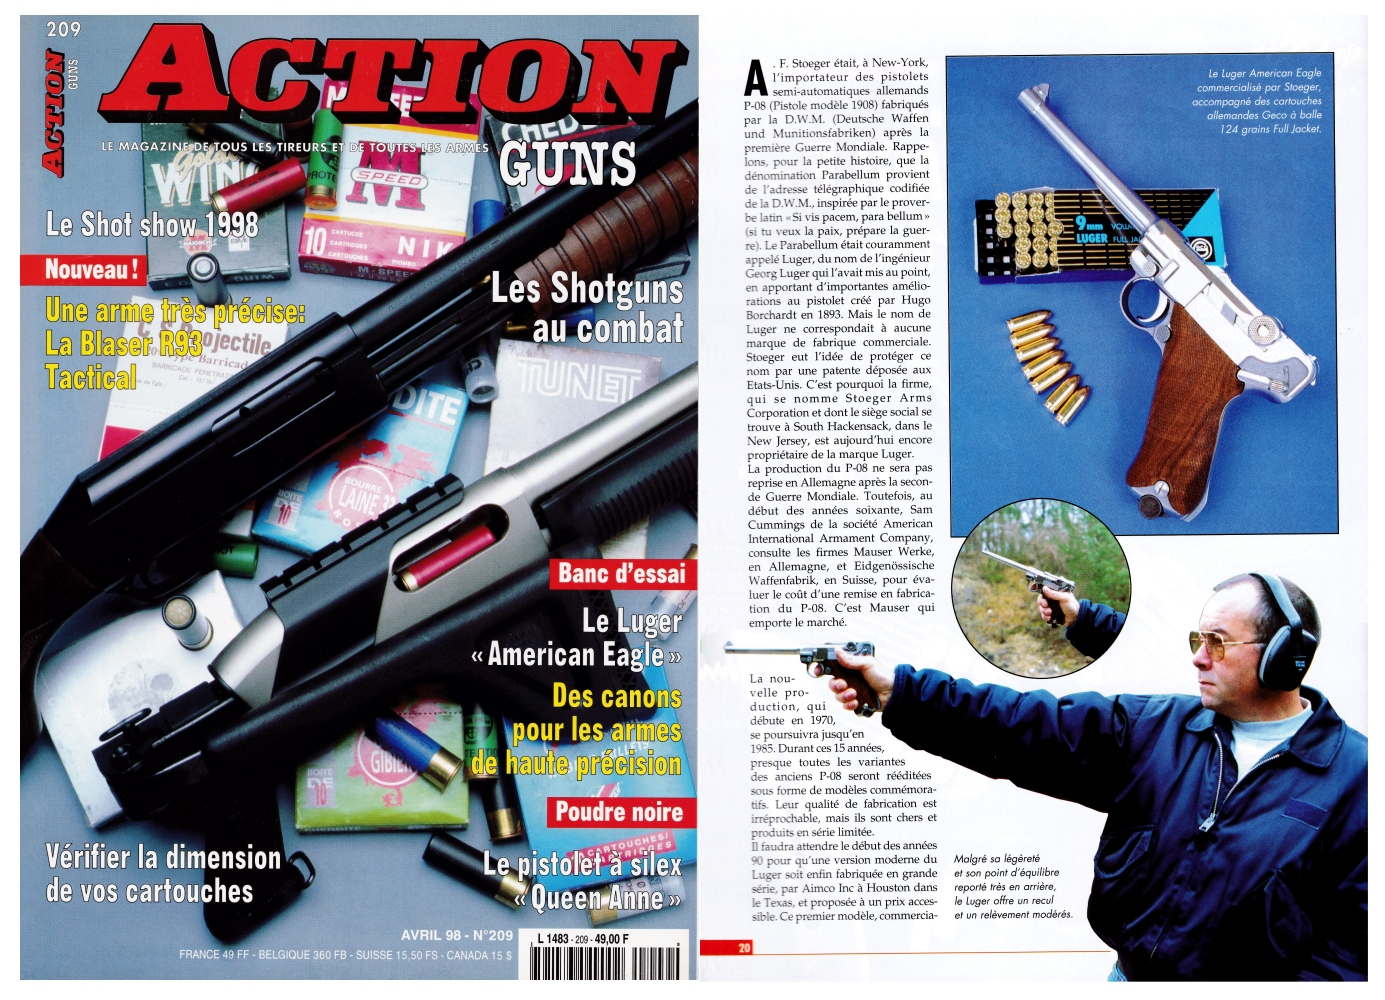 Le banc d'essai du pistolet Stoeger Luger American Eagle a été publié sur 7 pages dans le magazine Action Guns n°209 (avril 1998).